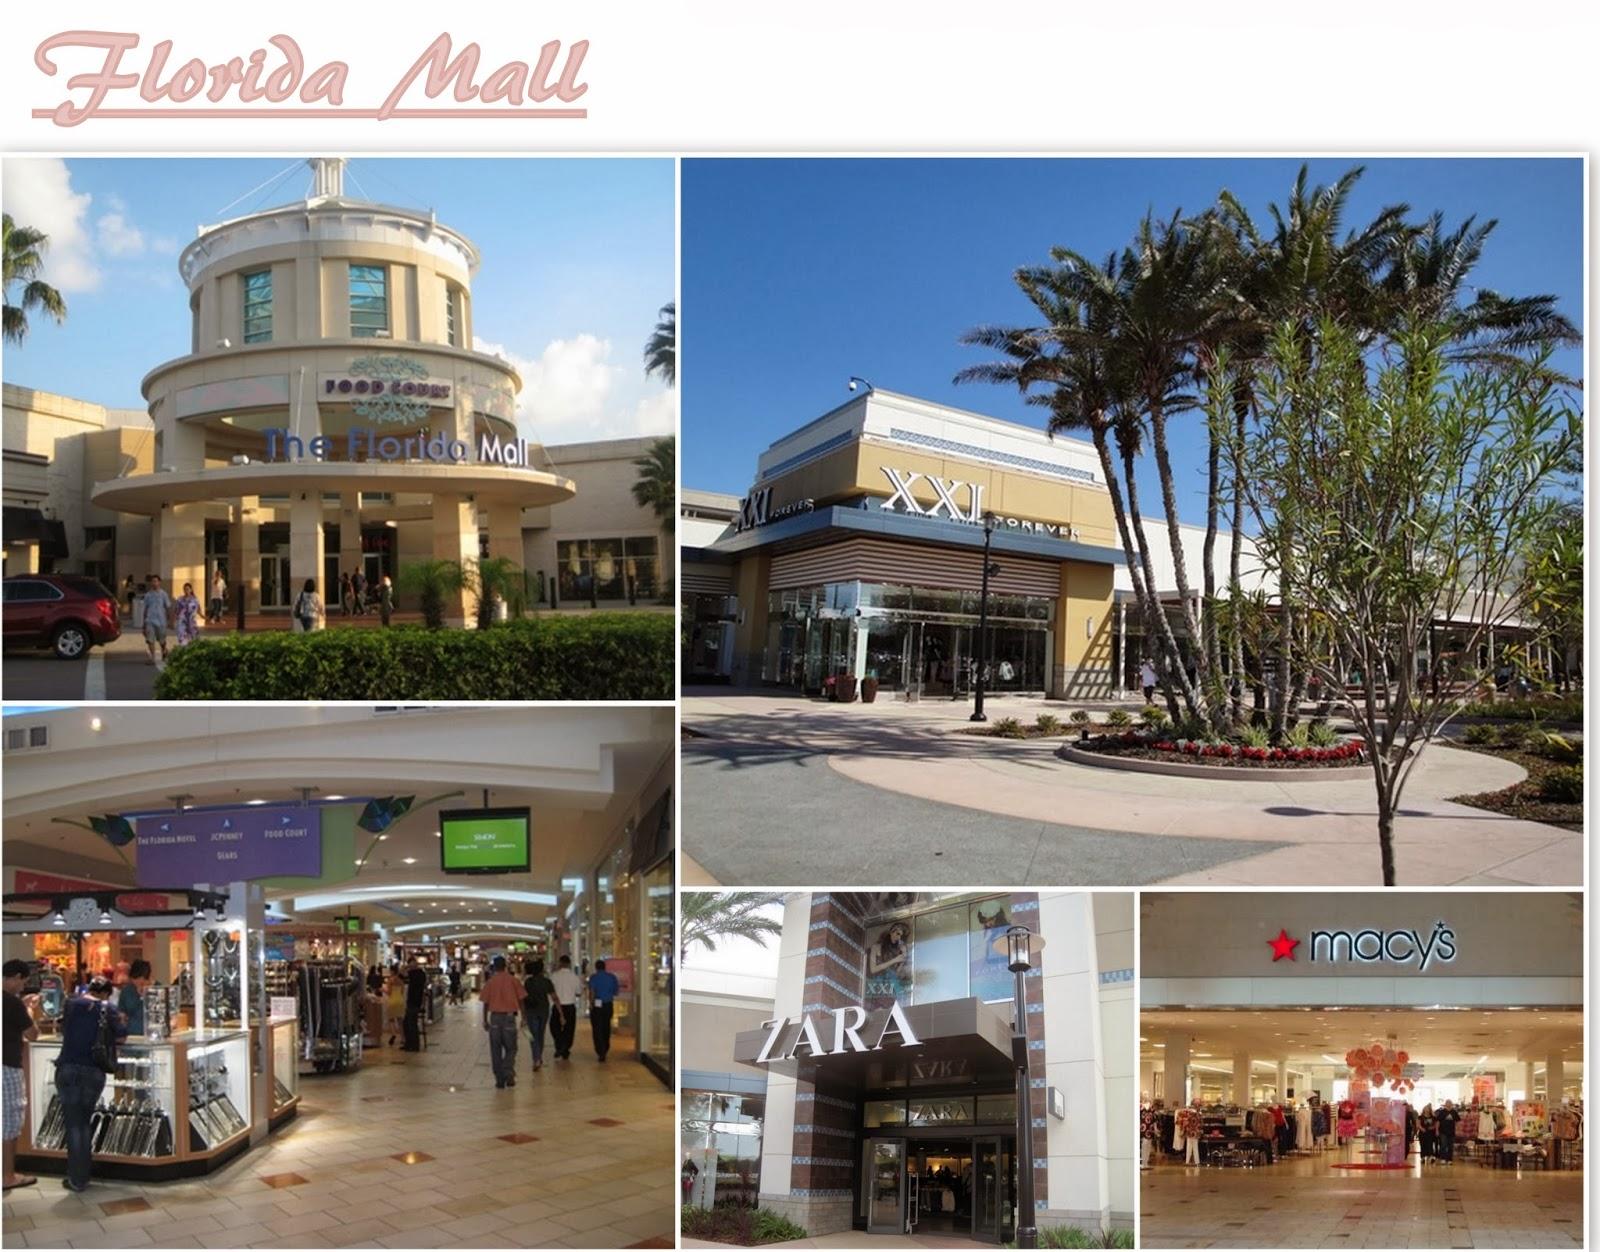 SEM GUIA; América do Norte; turismo; lazer; viagem; USA; Kennedy Space Center; Orlando; Florida Mal Shopping